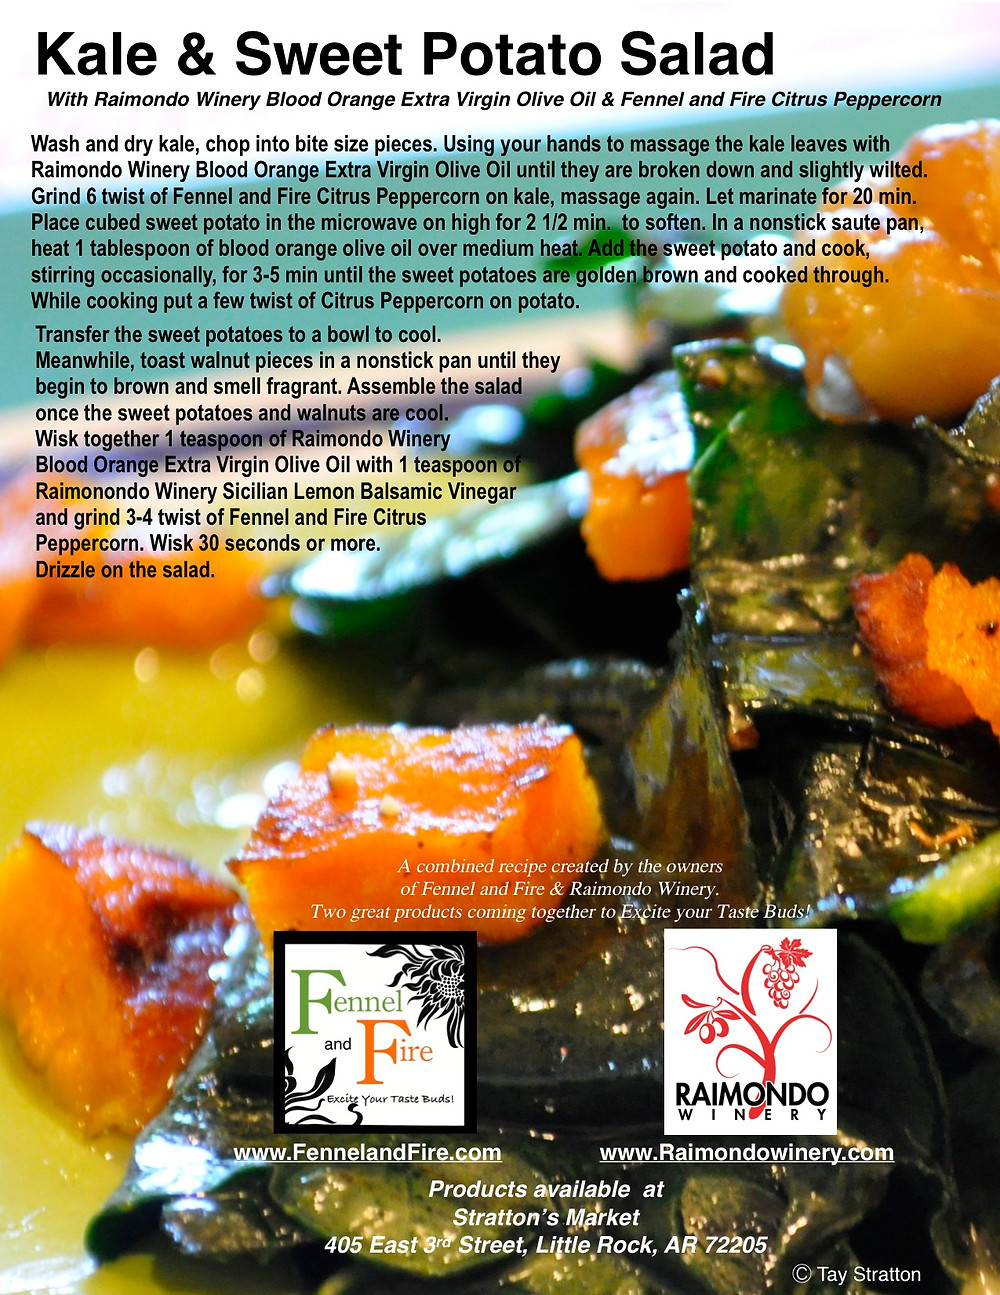 kale & sweet potato CC .jpg